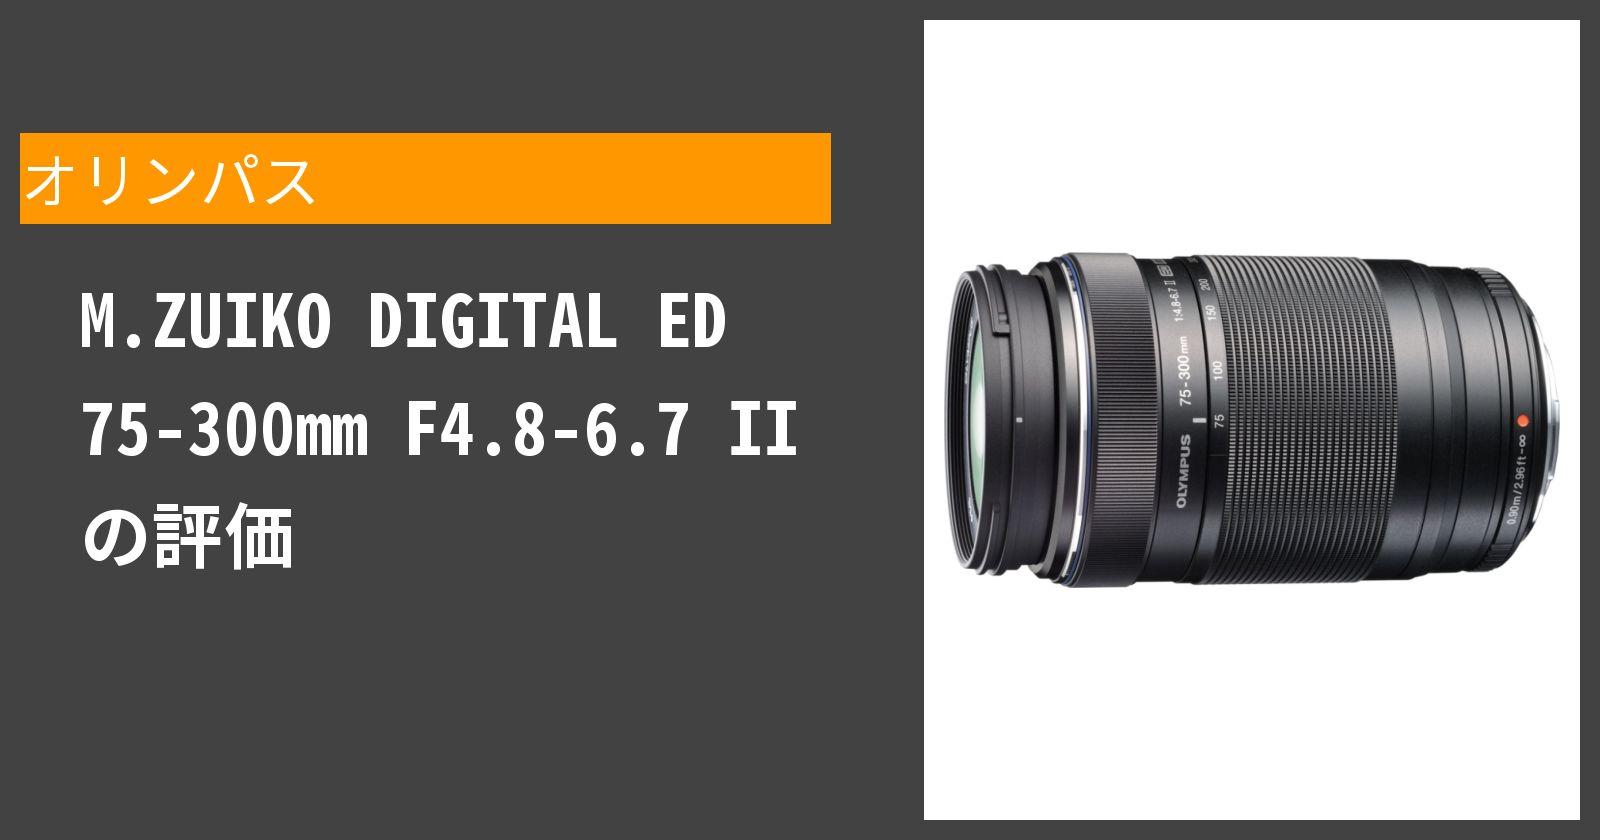 M.ZUIKO DIGITAL ED 75-300mm F4.8-6.7 IIを徹底評価